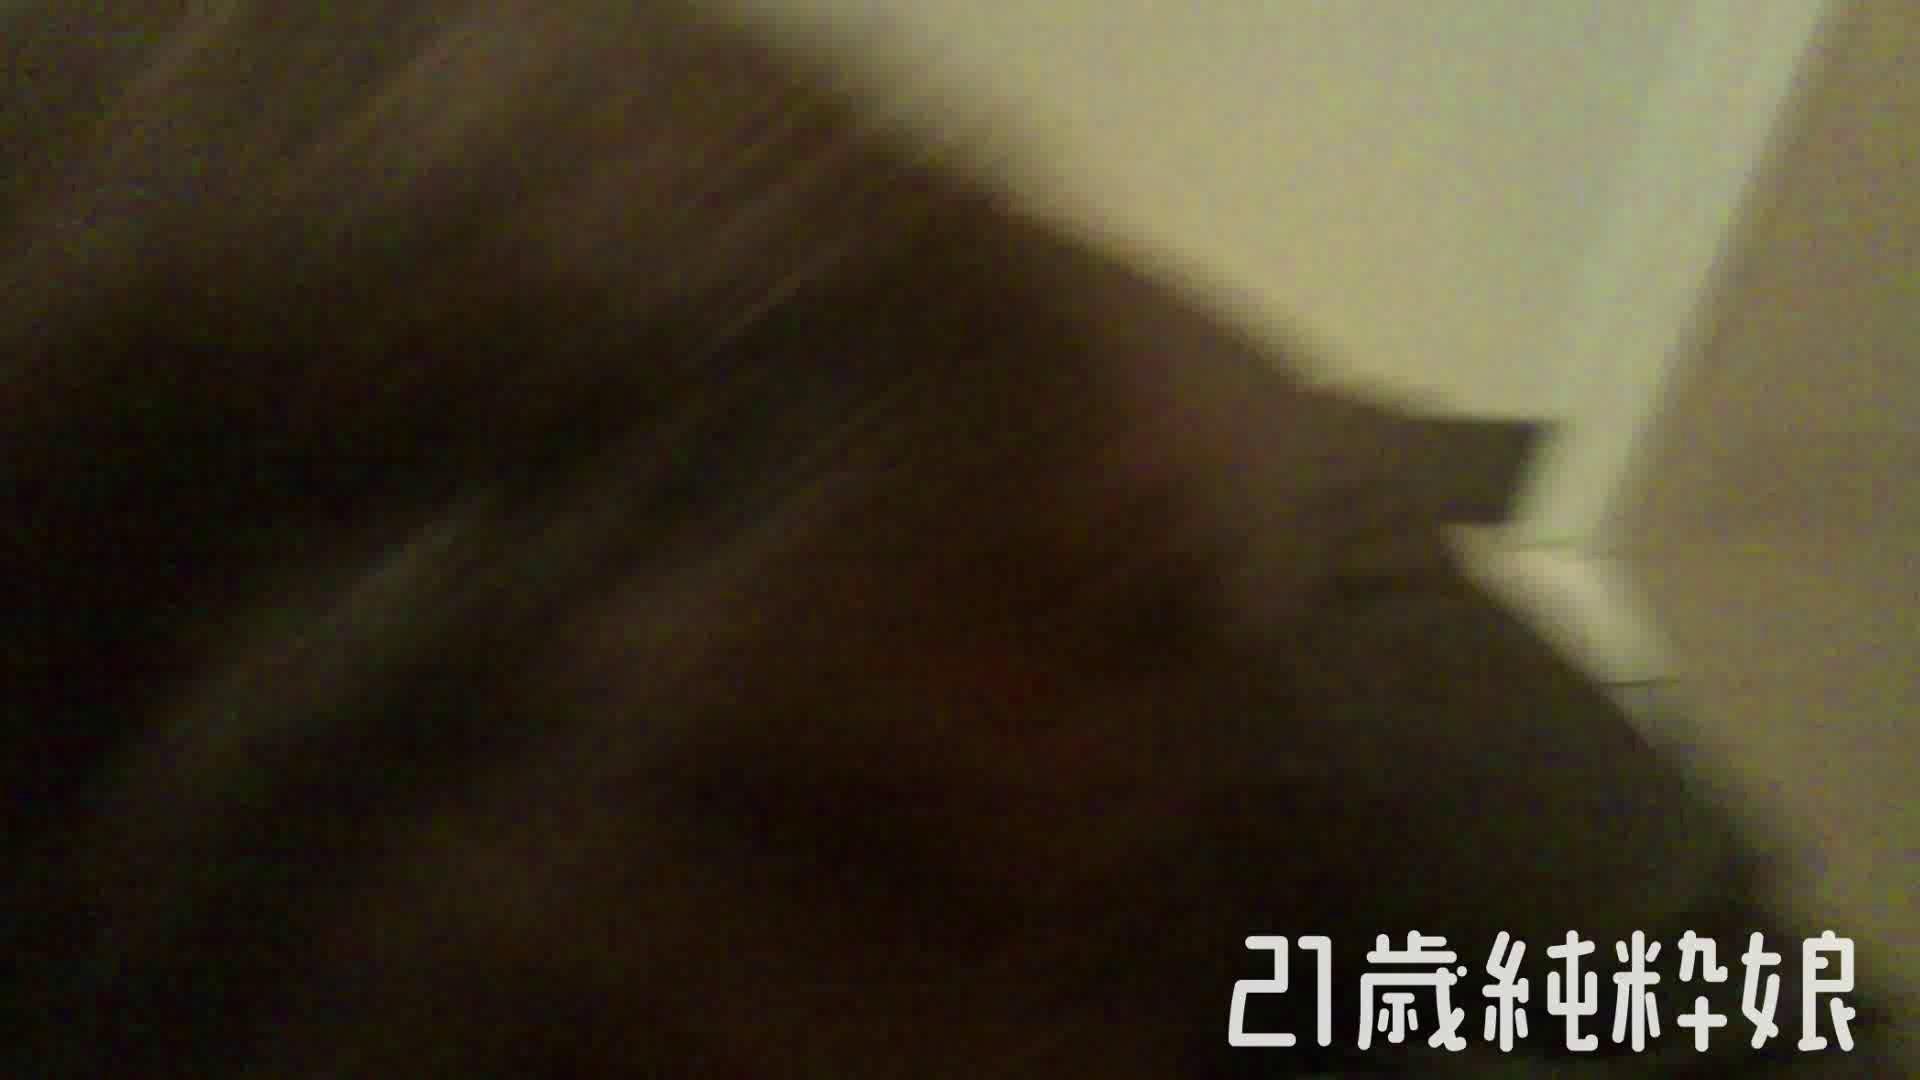 Gカップ21歳純粋嬢第2弾Vol.5 学校  108連発 69